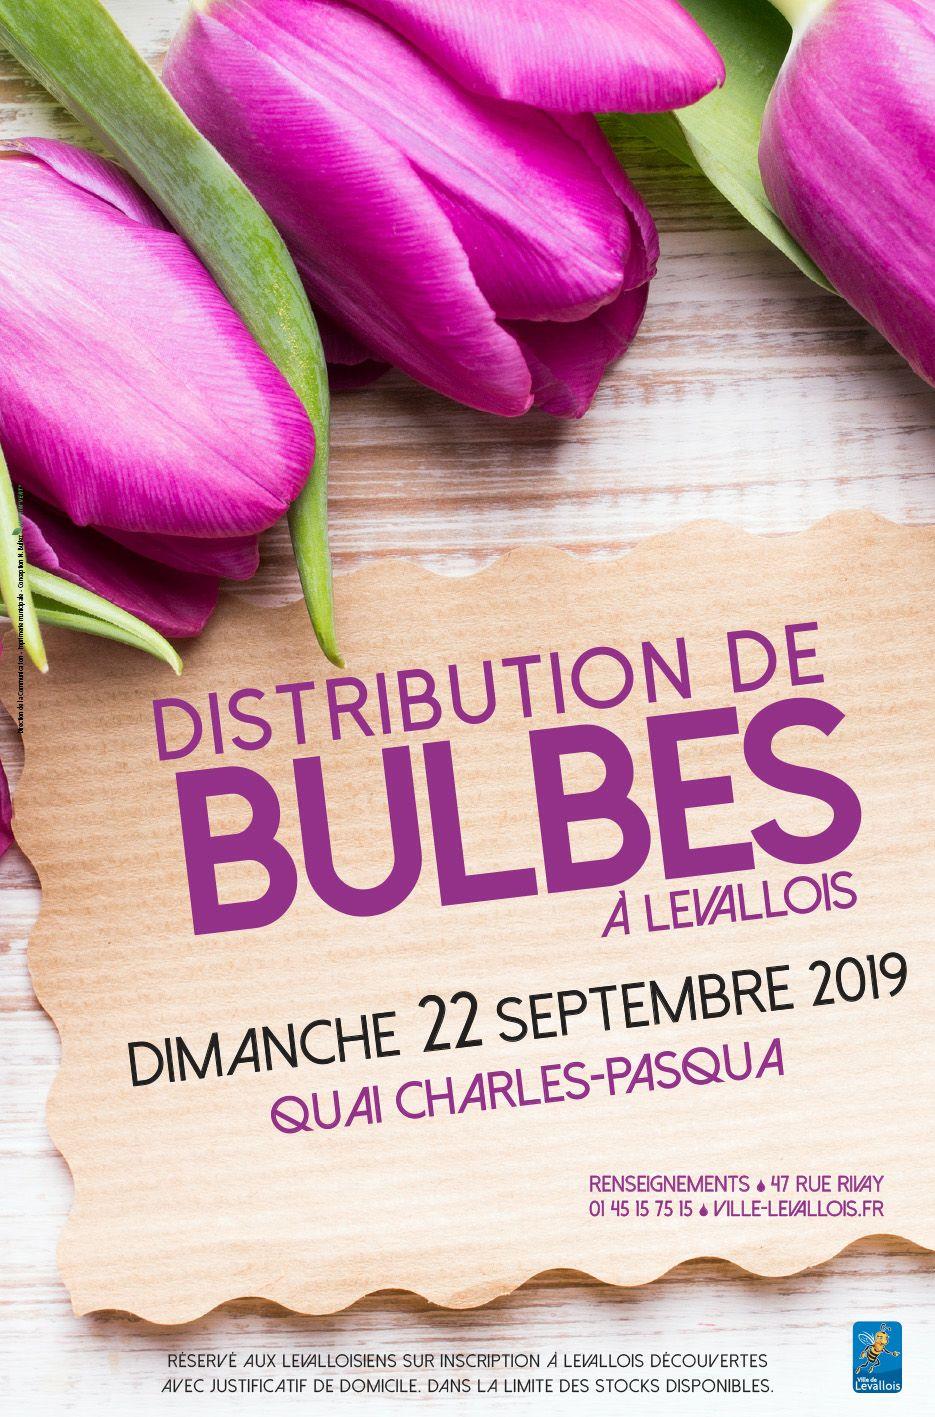 Distribution gratuite de Bulbes - Levallois-Perret (92)